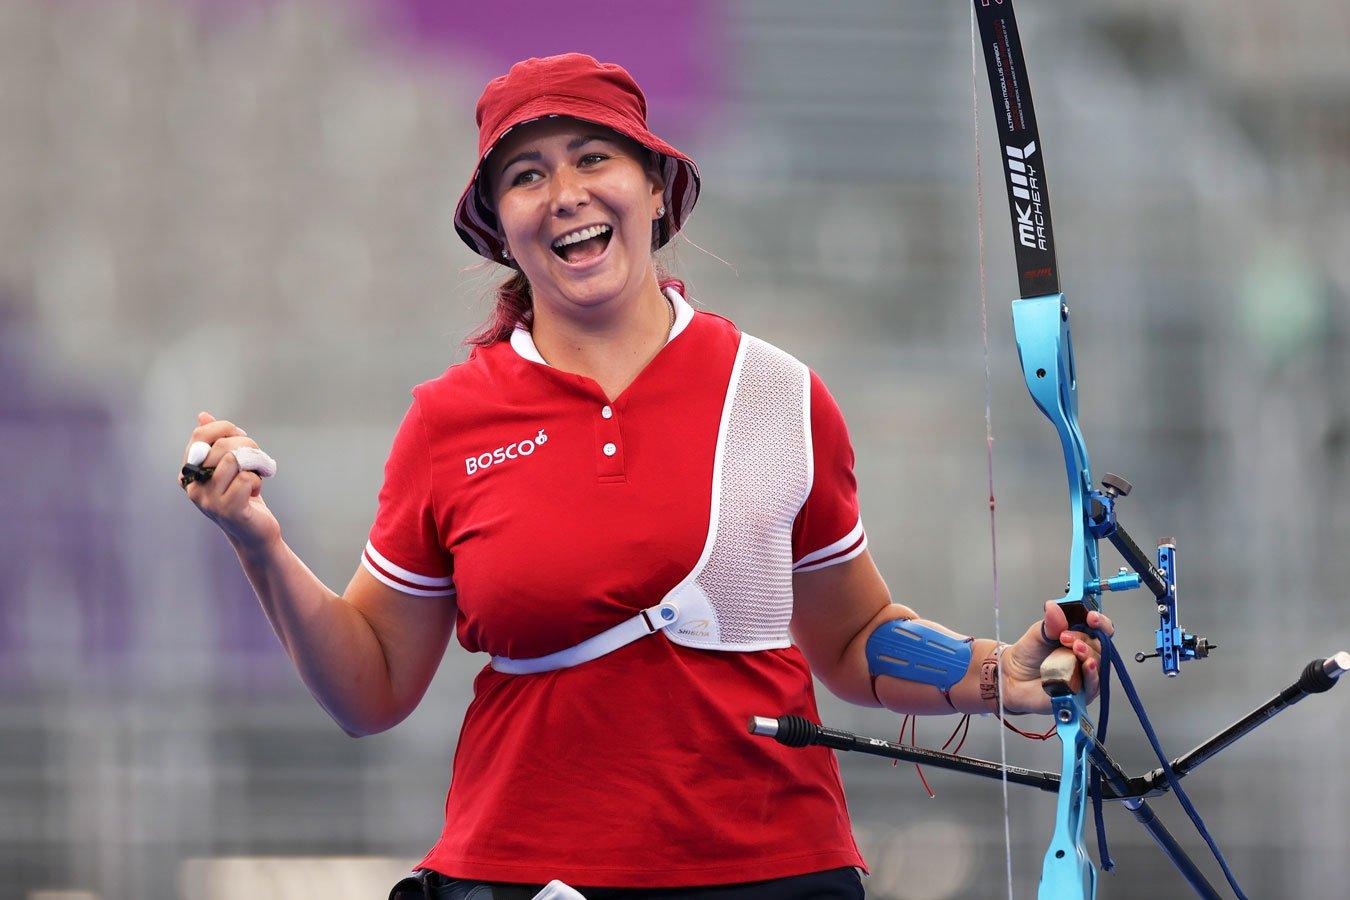 Елена Осипова: «Судьба медалей решалась в перестрелке»